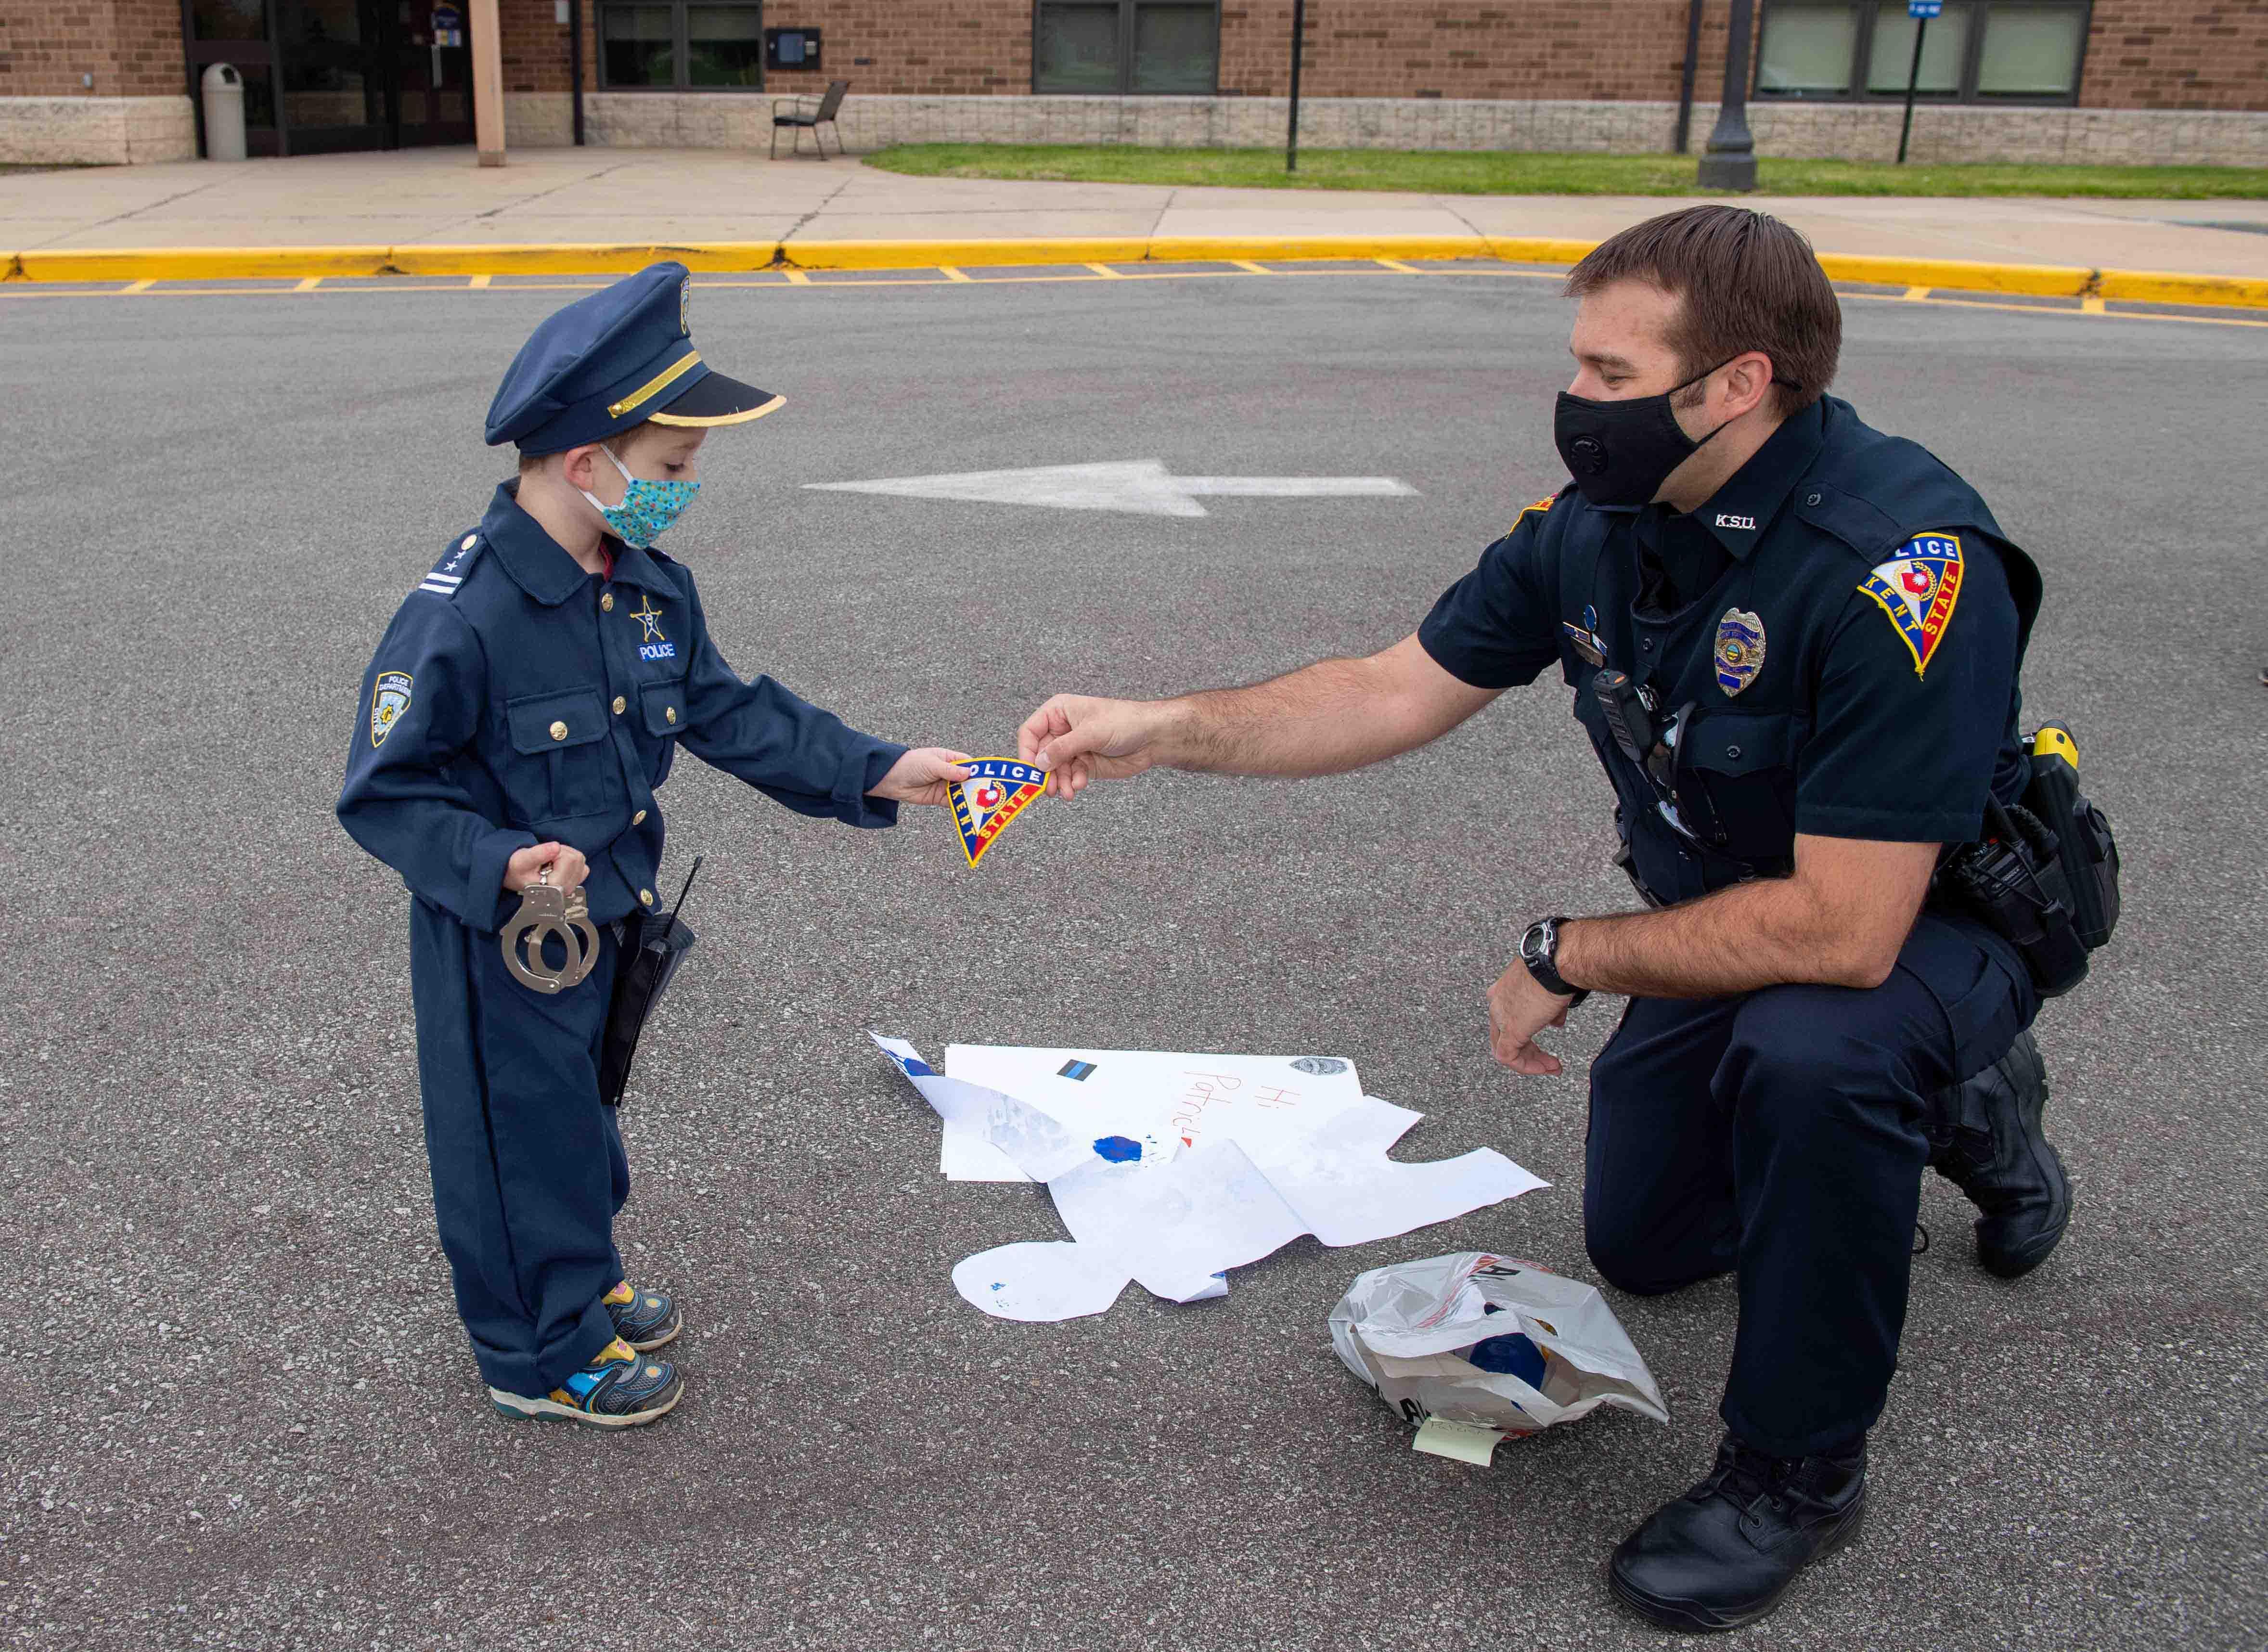 Patrick Tomaswick receives a police patch from Kent State Officer Joe Knotek